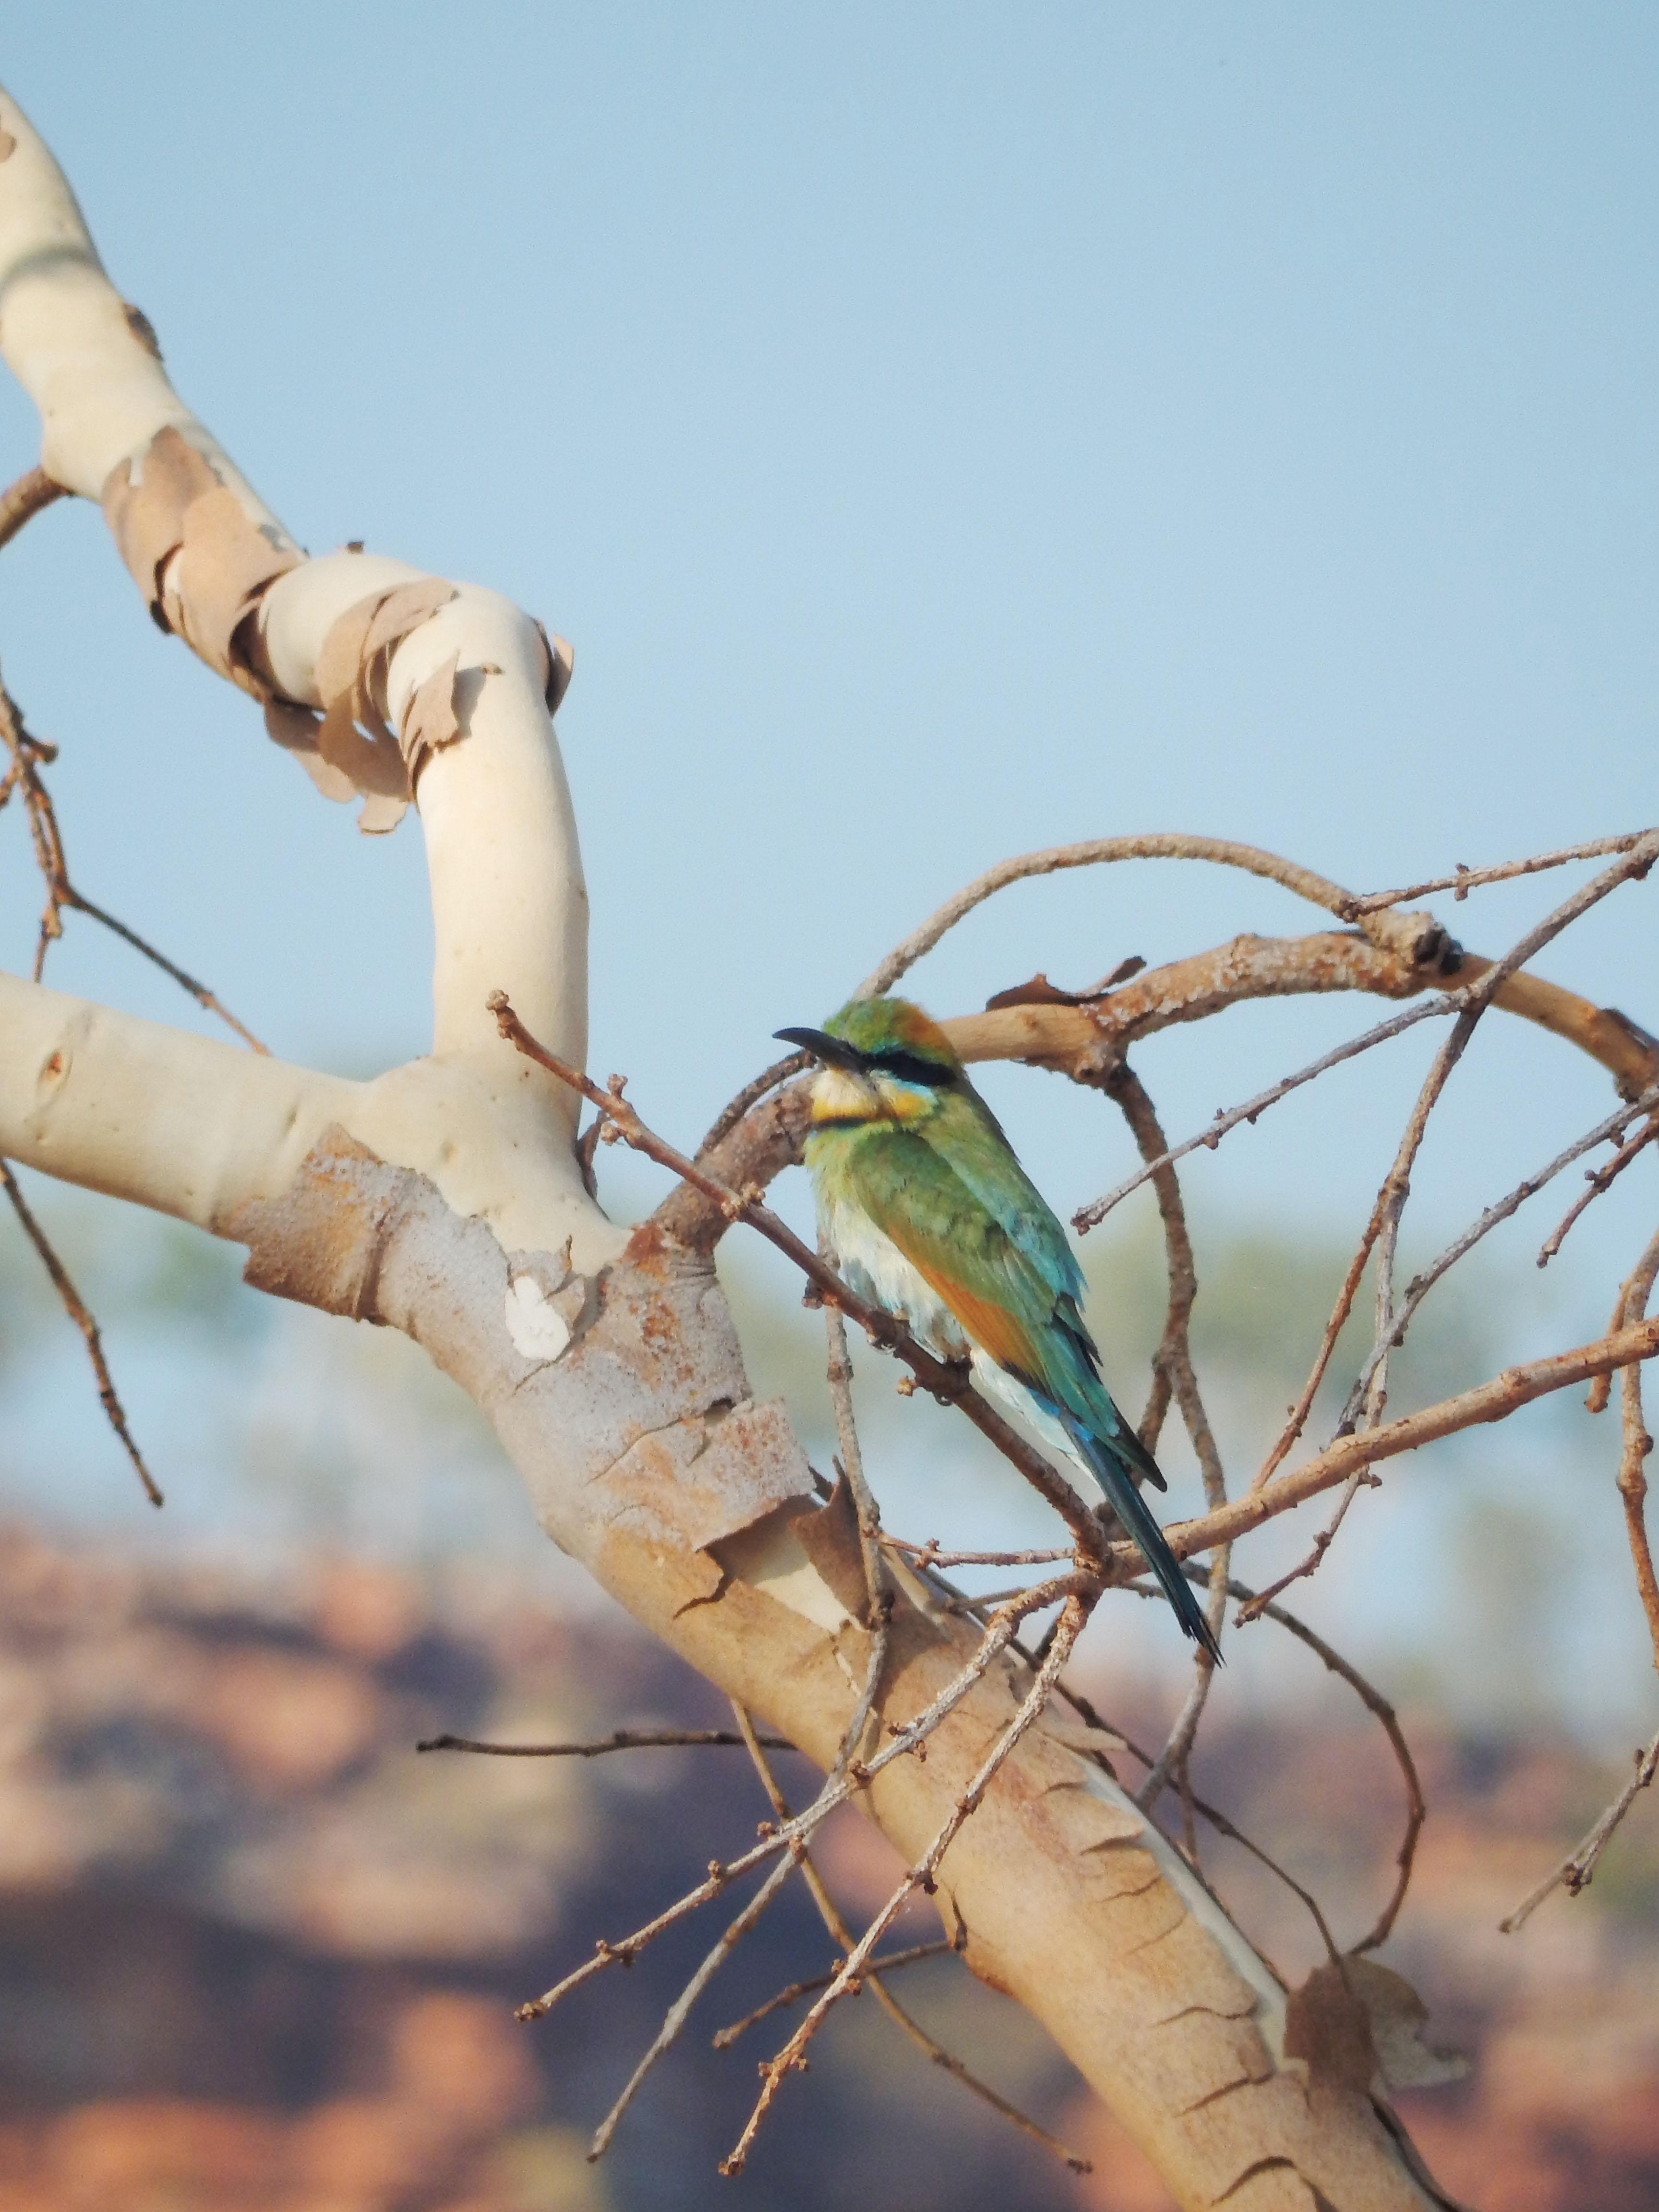 mia_und_ich_blog_rainbow_bee-eater_regenbogenbienenfresser_travel_reise_australien_australia_westernaustralia